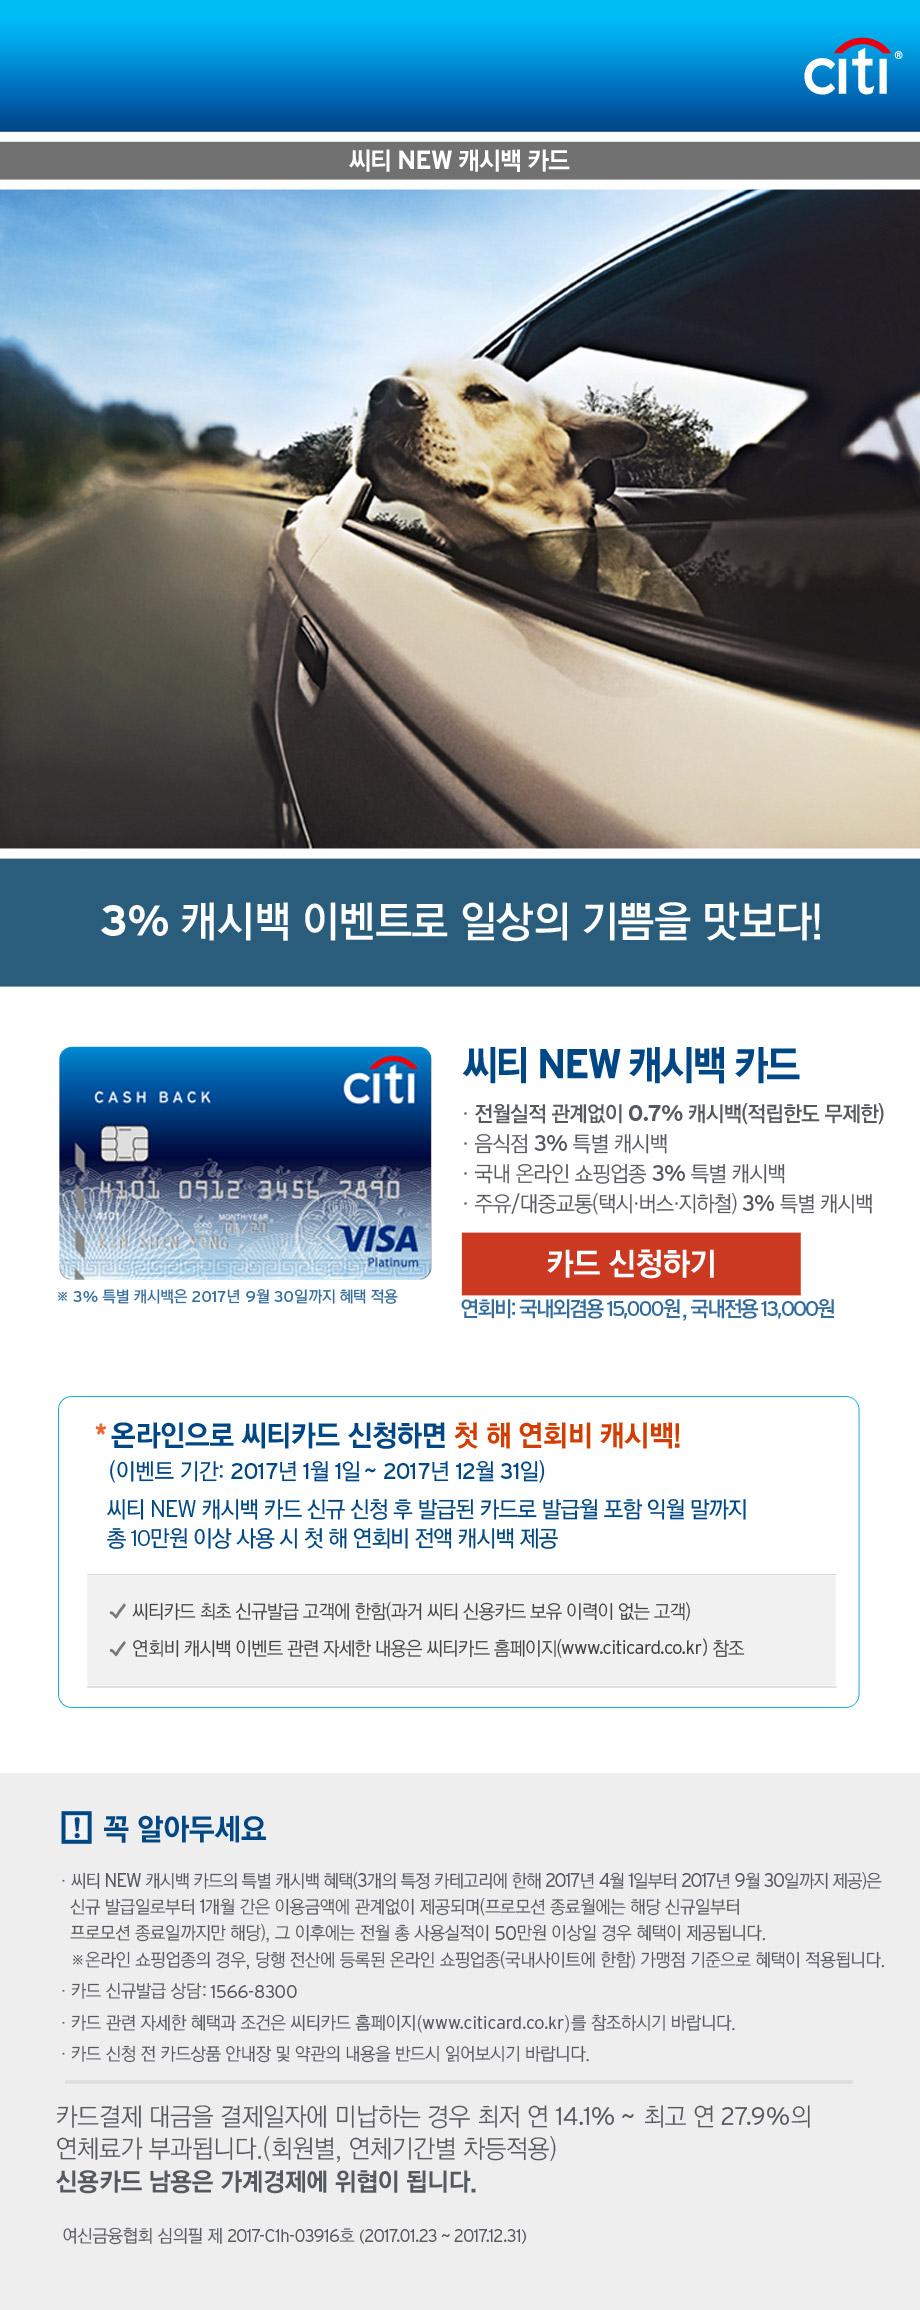 씨티 NEW 캐시백 카드